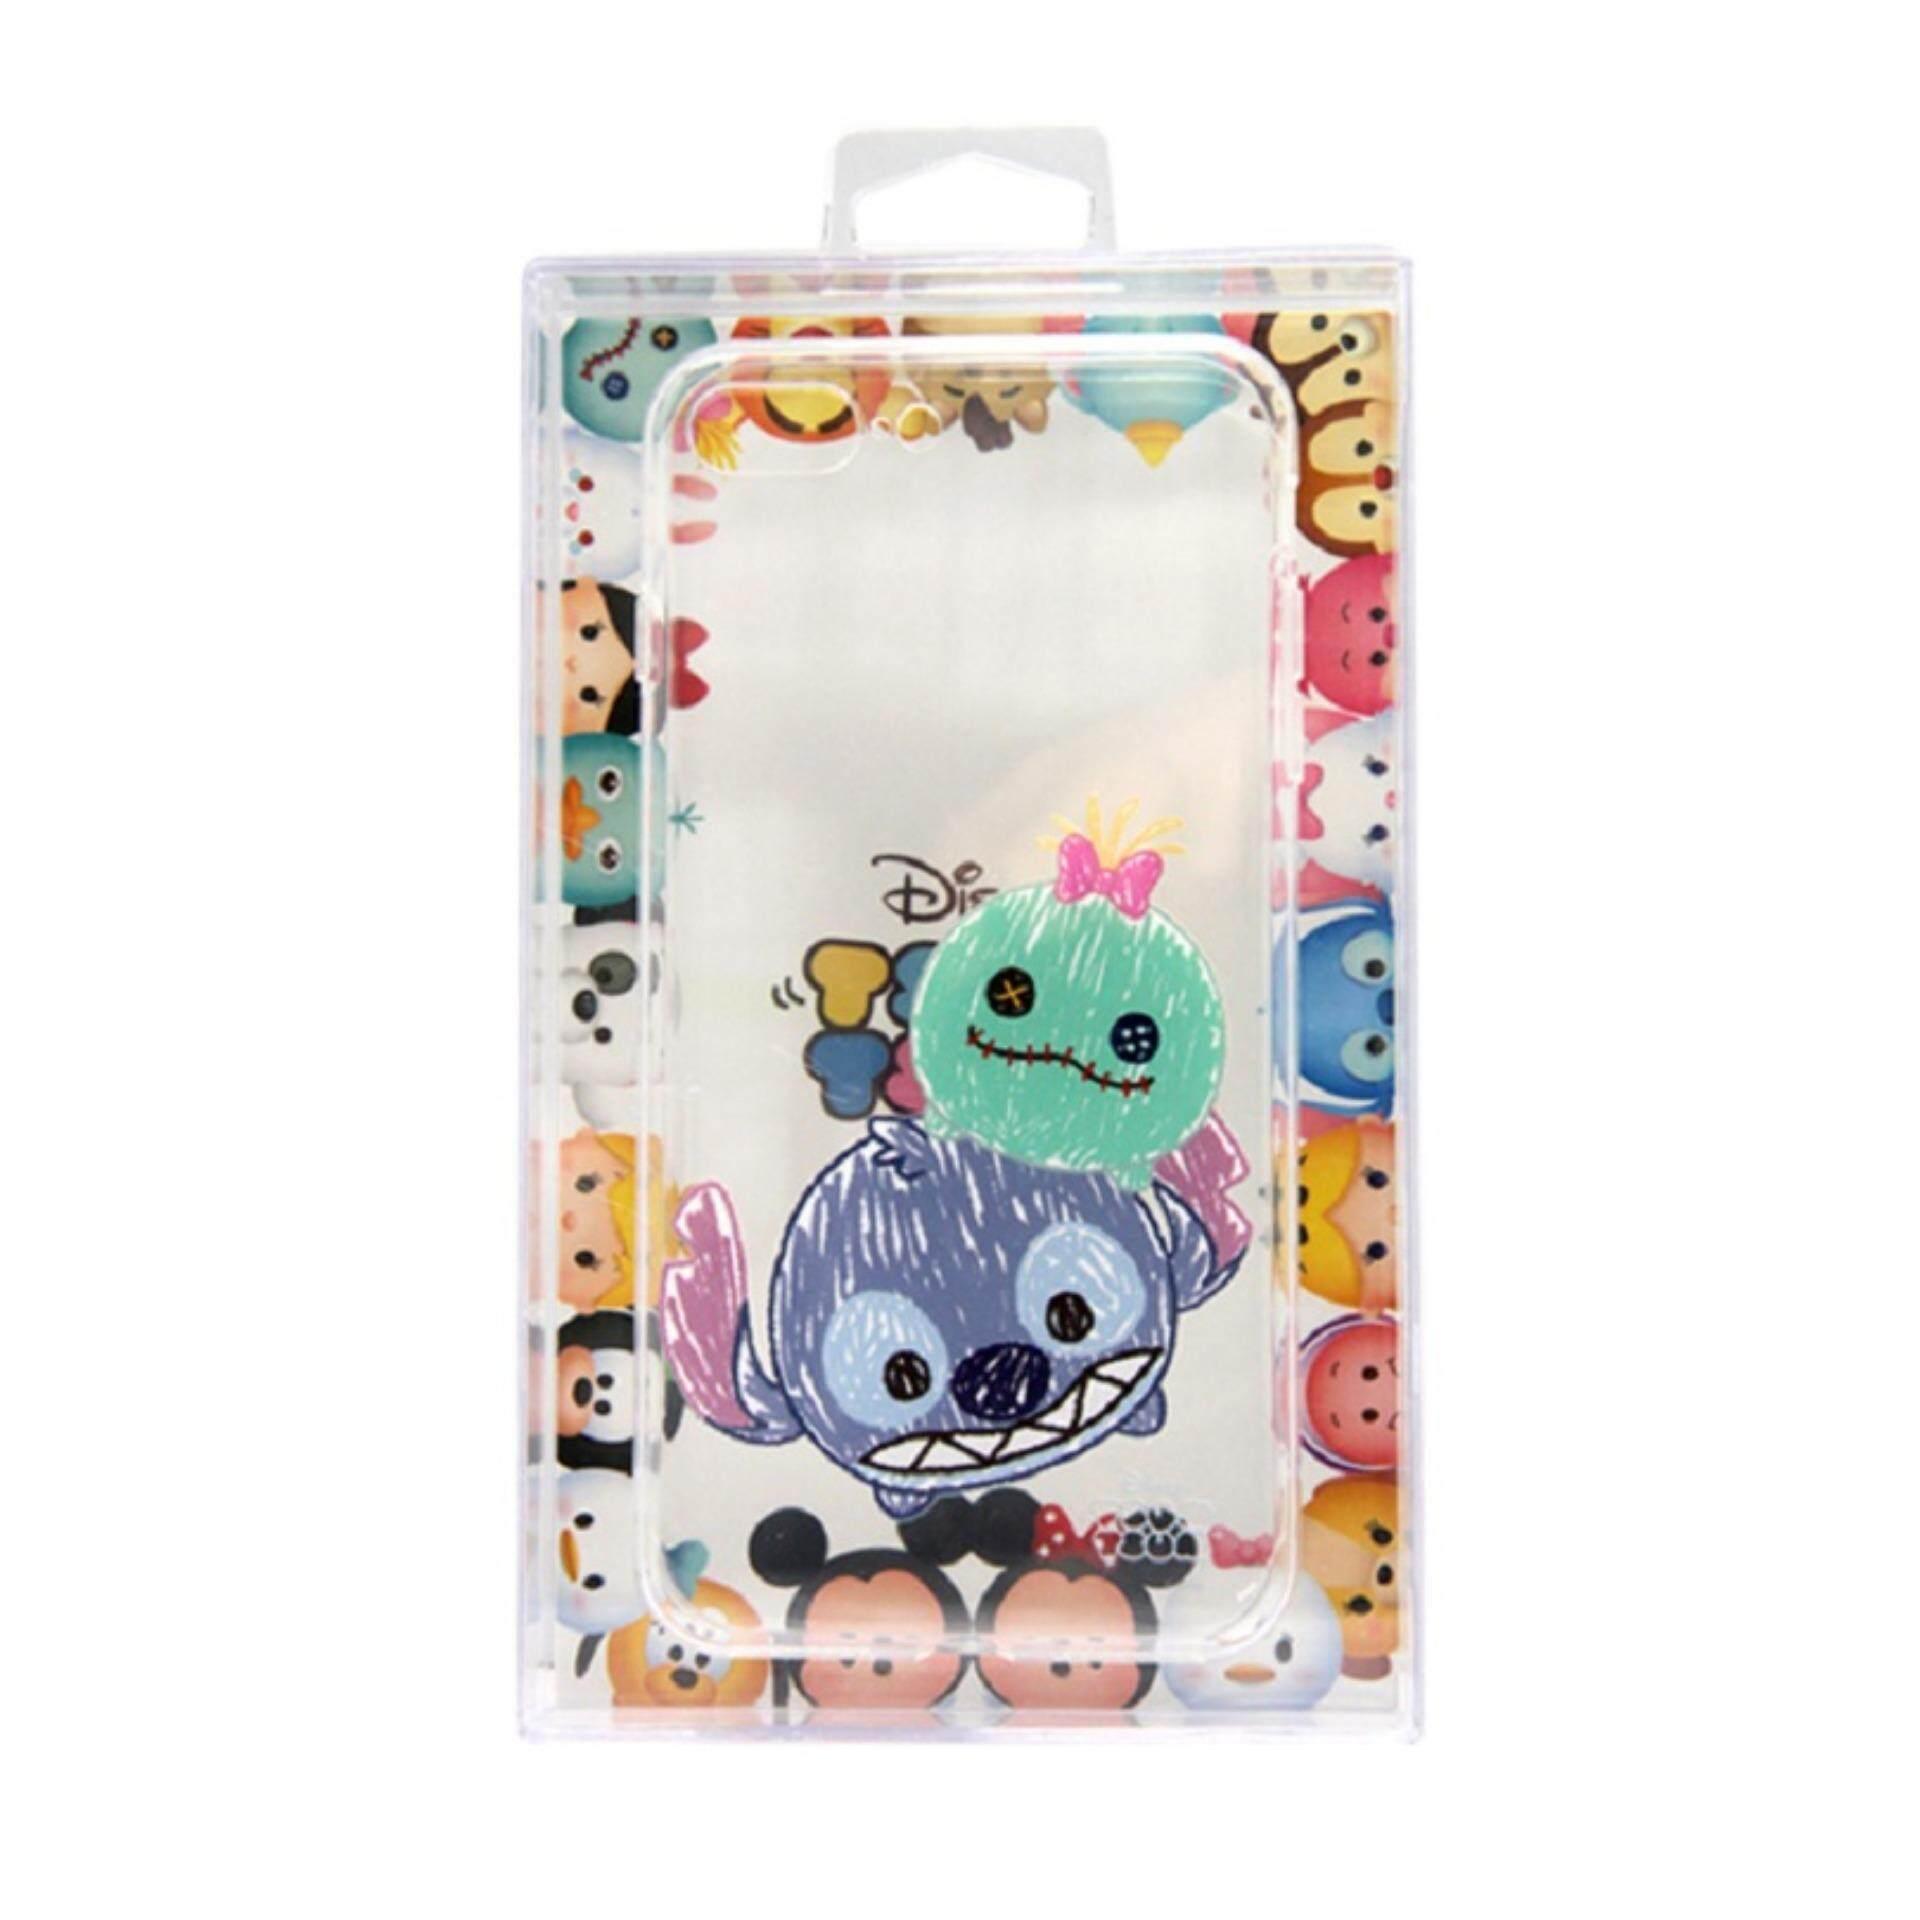 Disney Tsum Tsum Transparent iPhone 7 Plus Case - Stitch